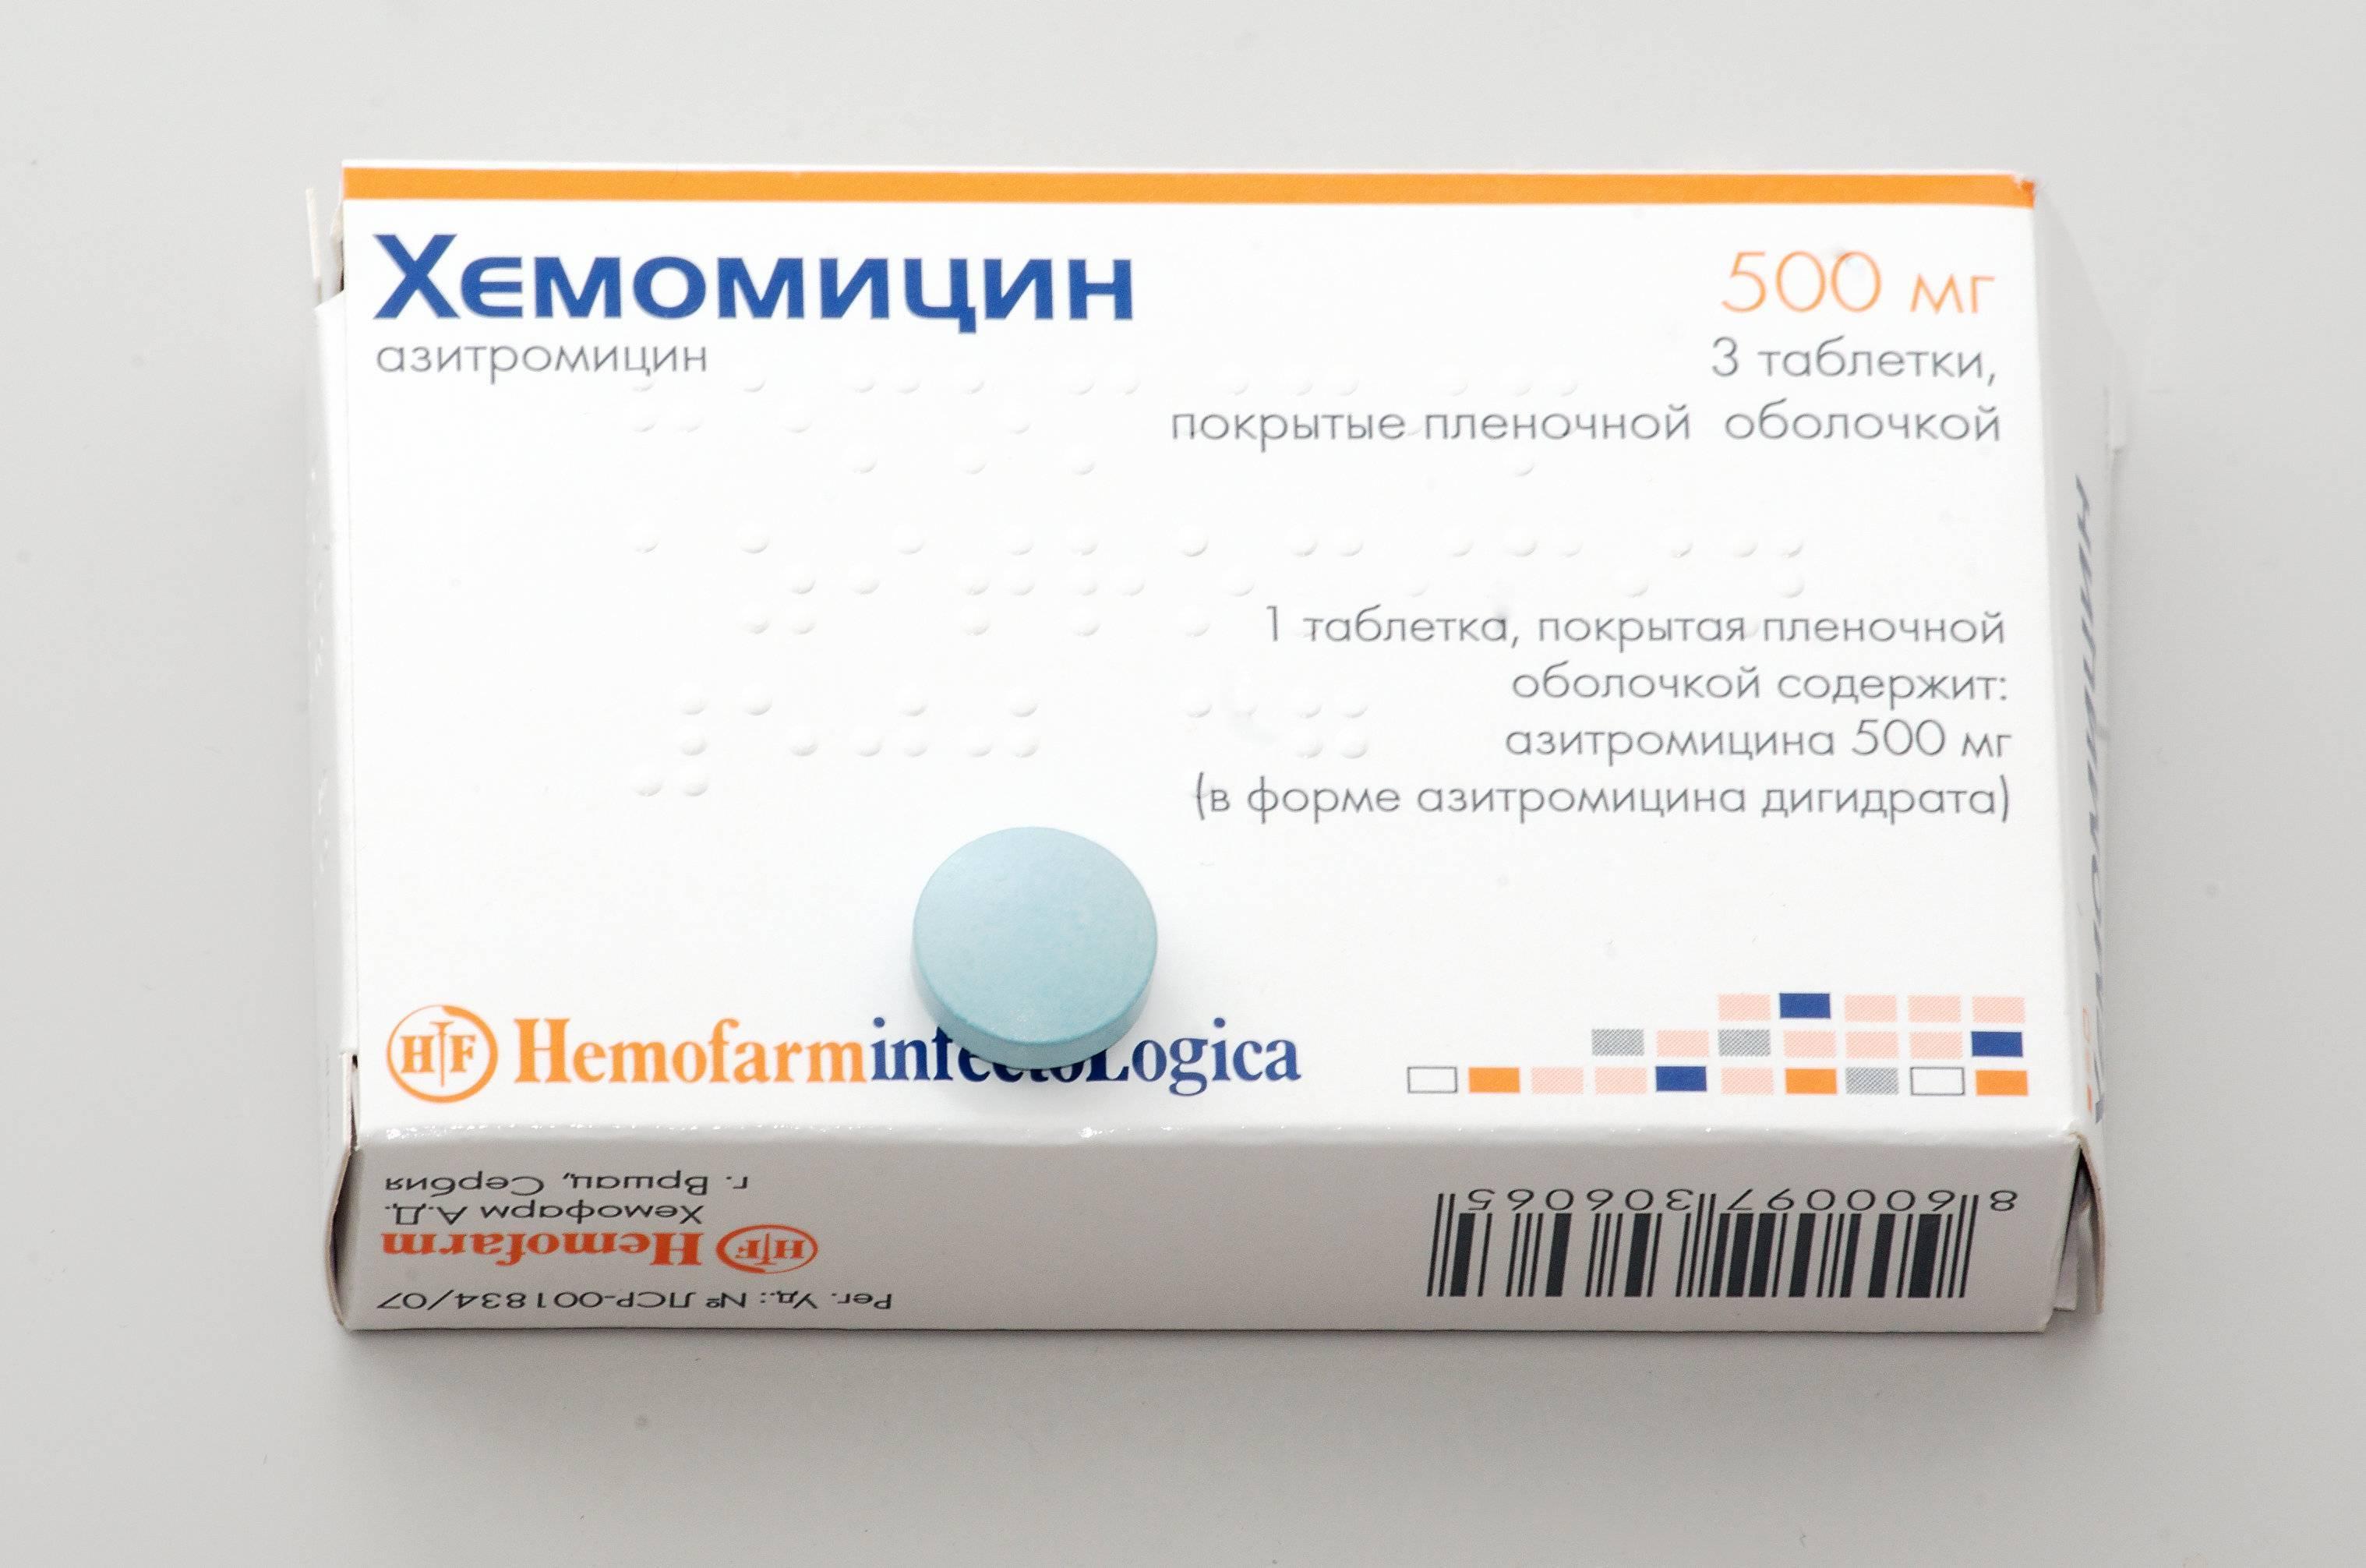 Топ 10 эффективных спреев от боли в горле для взрослых и детей, с антибиотиком и без